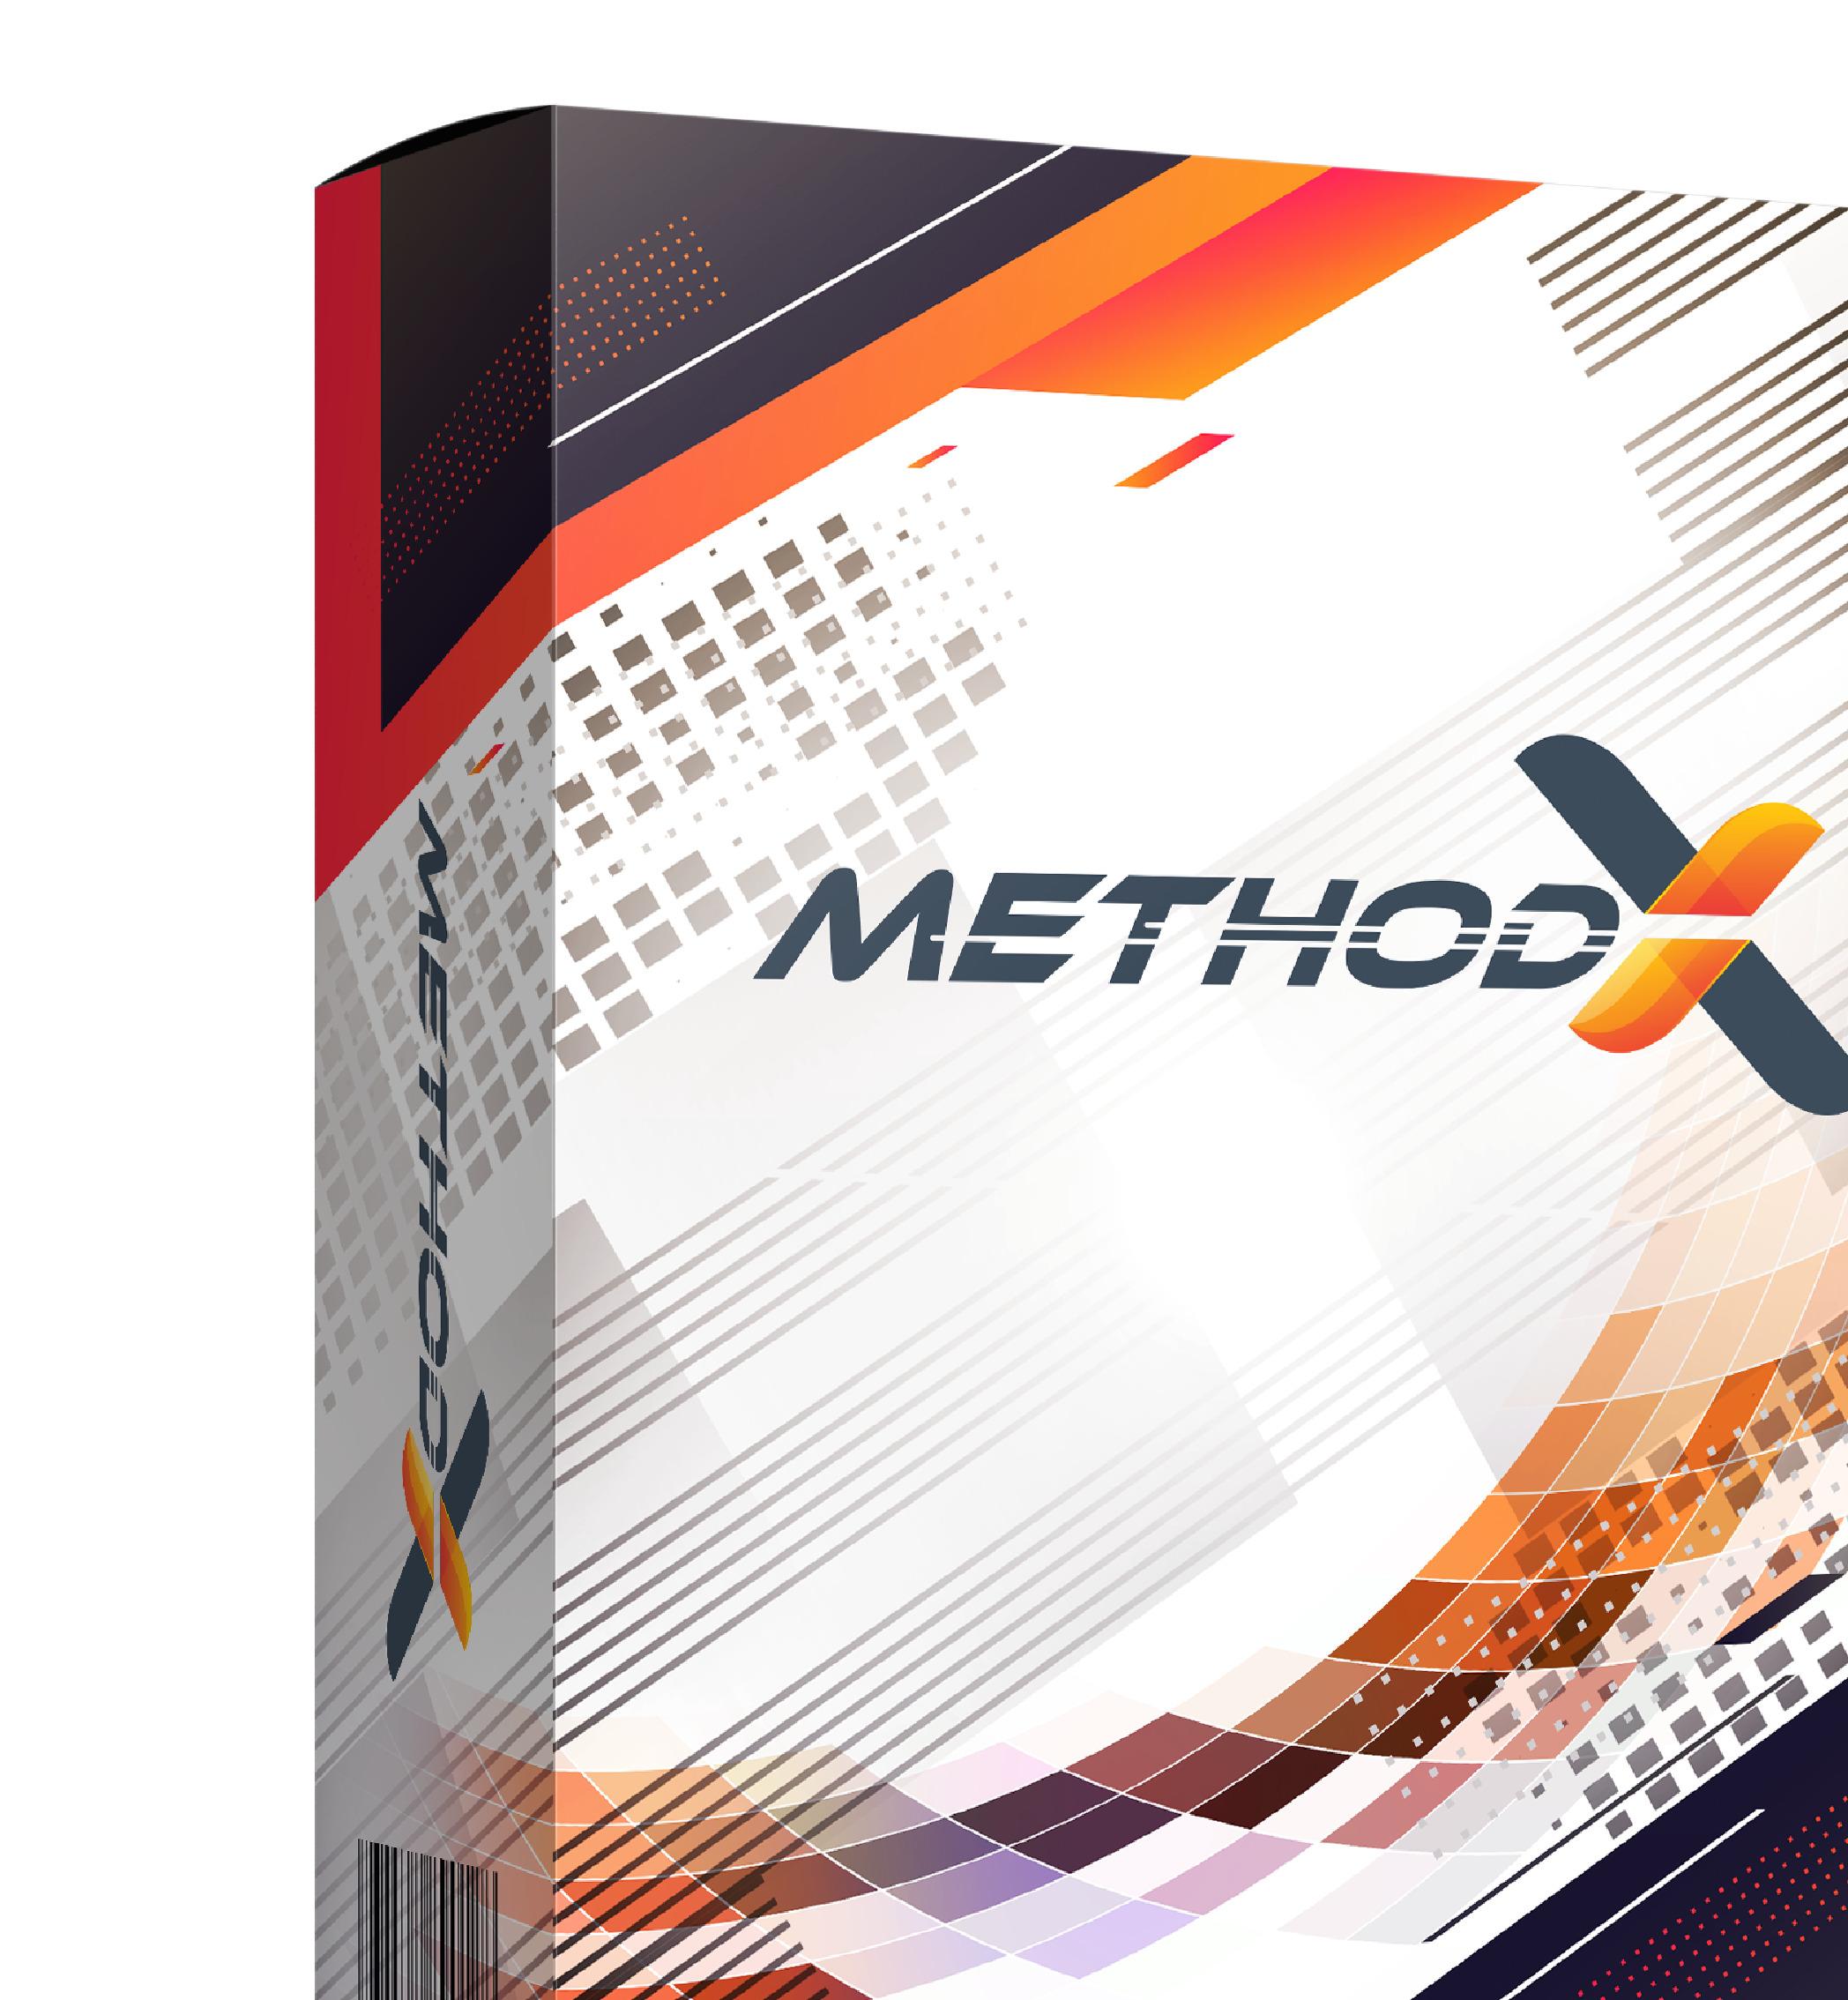 METHODX